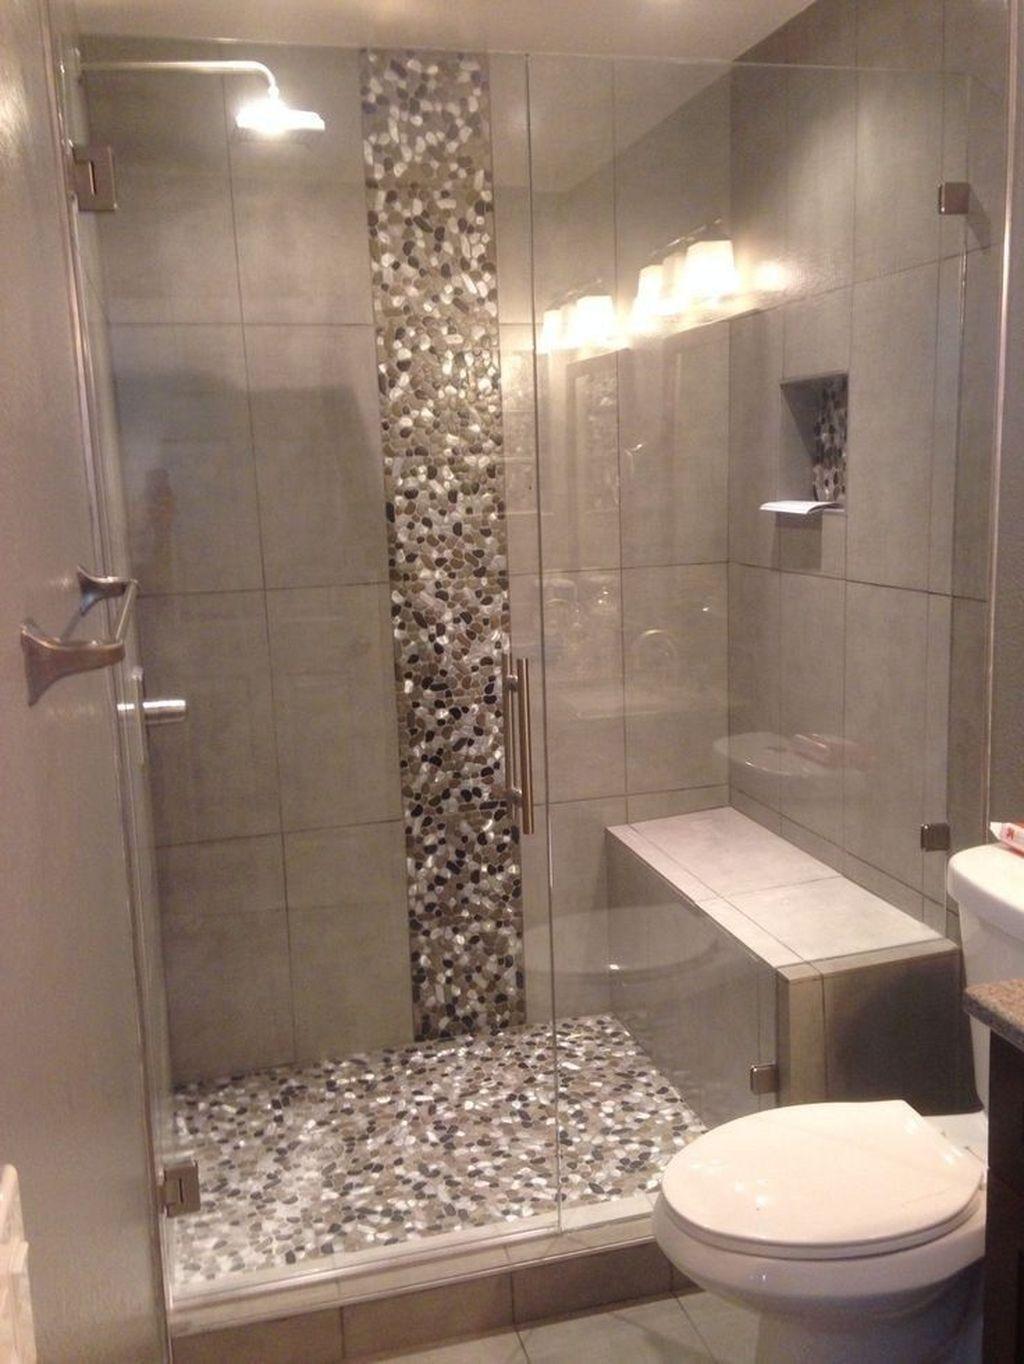 36 Amazing Small Bathroom Design Ideas | Bathroom remodel shower